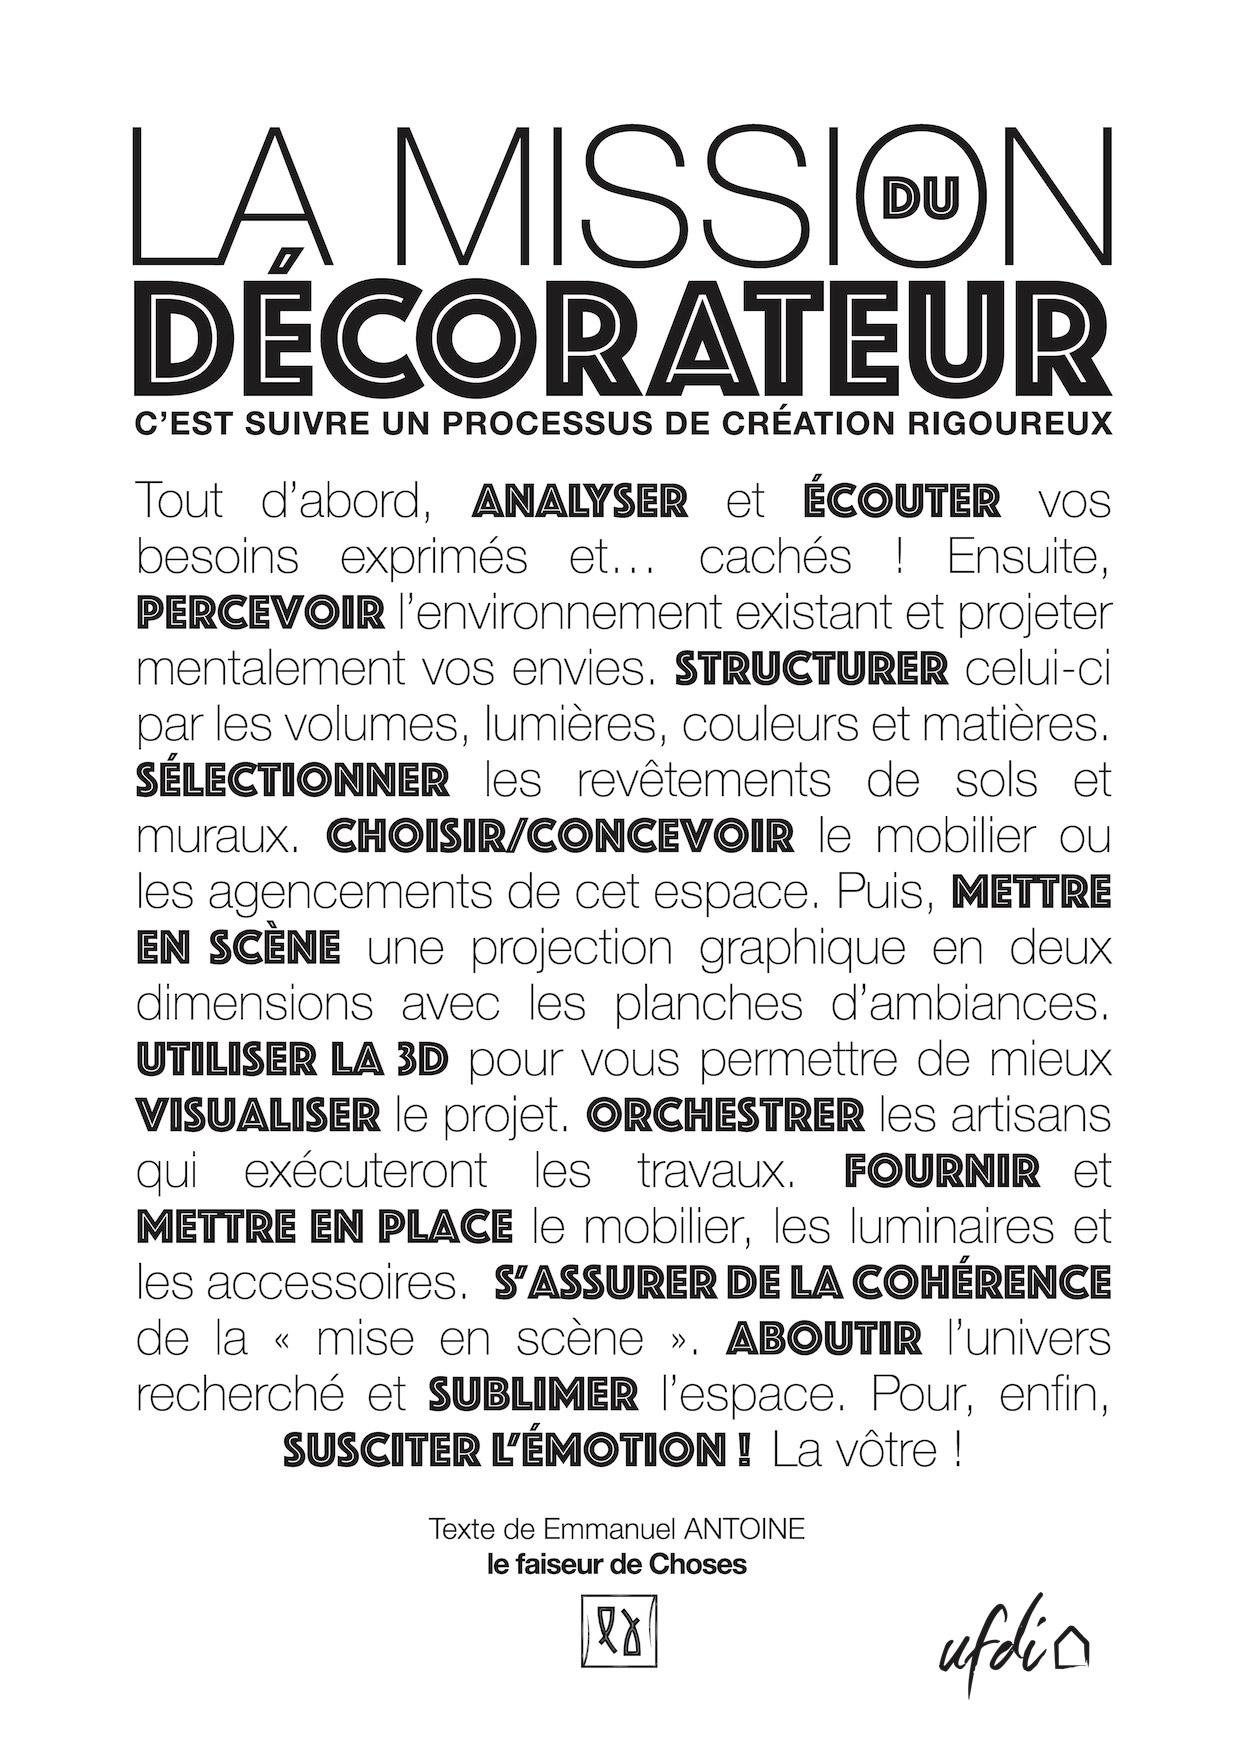 La mission du décorateur par Emmanuel ANTOINE, membre UFDI Bretagne